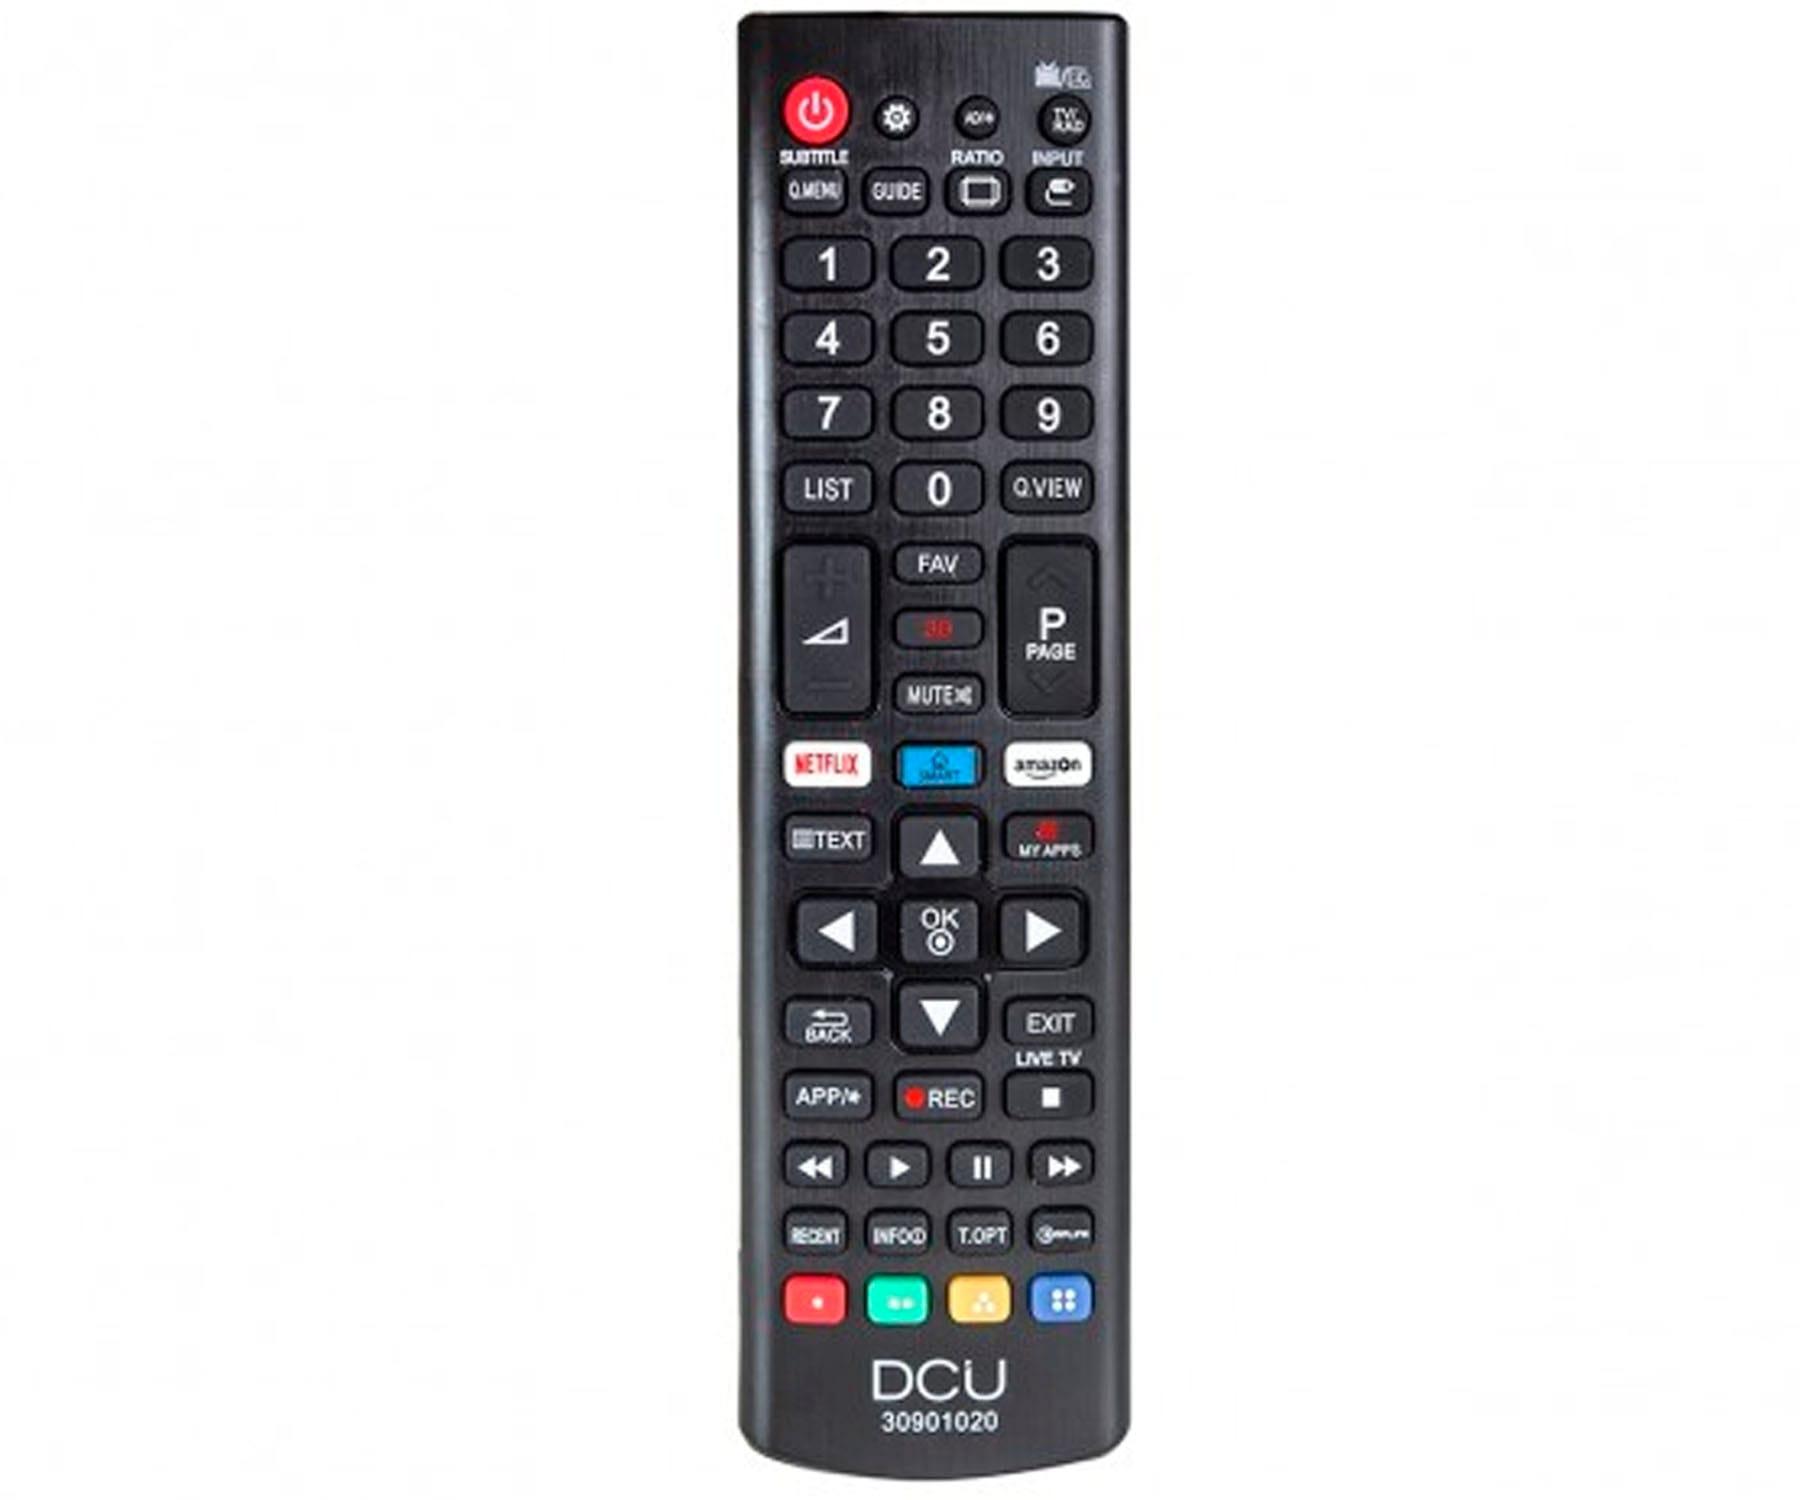 DCU 30901020 MANDO A DISTANCIA UNIVERSAL PARA TELEVISORES LG LCD/LED